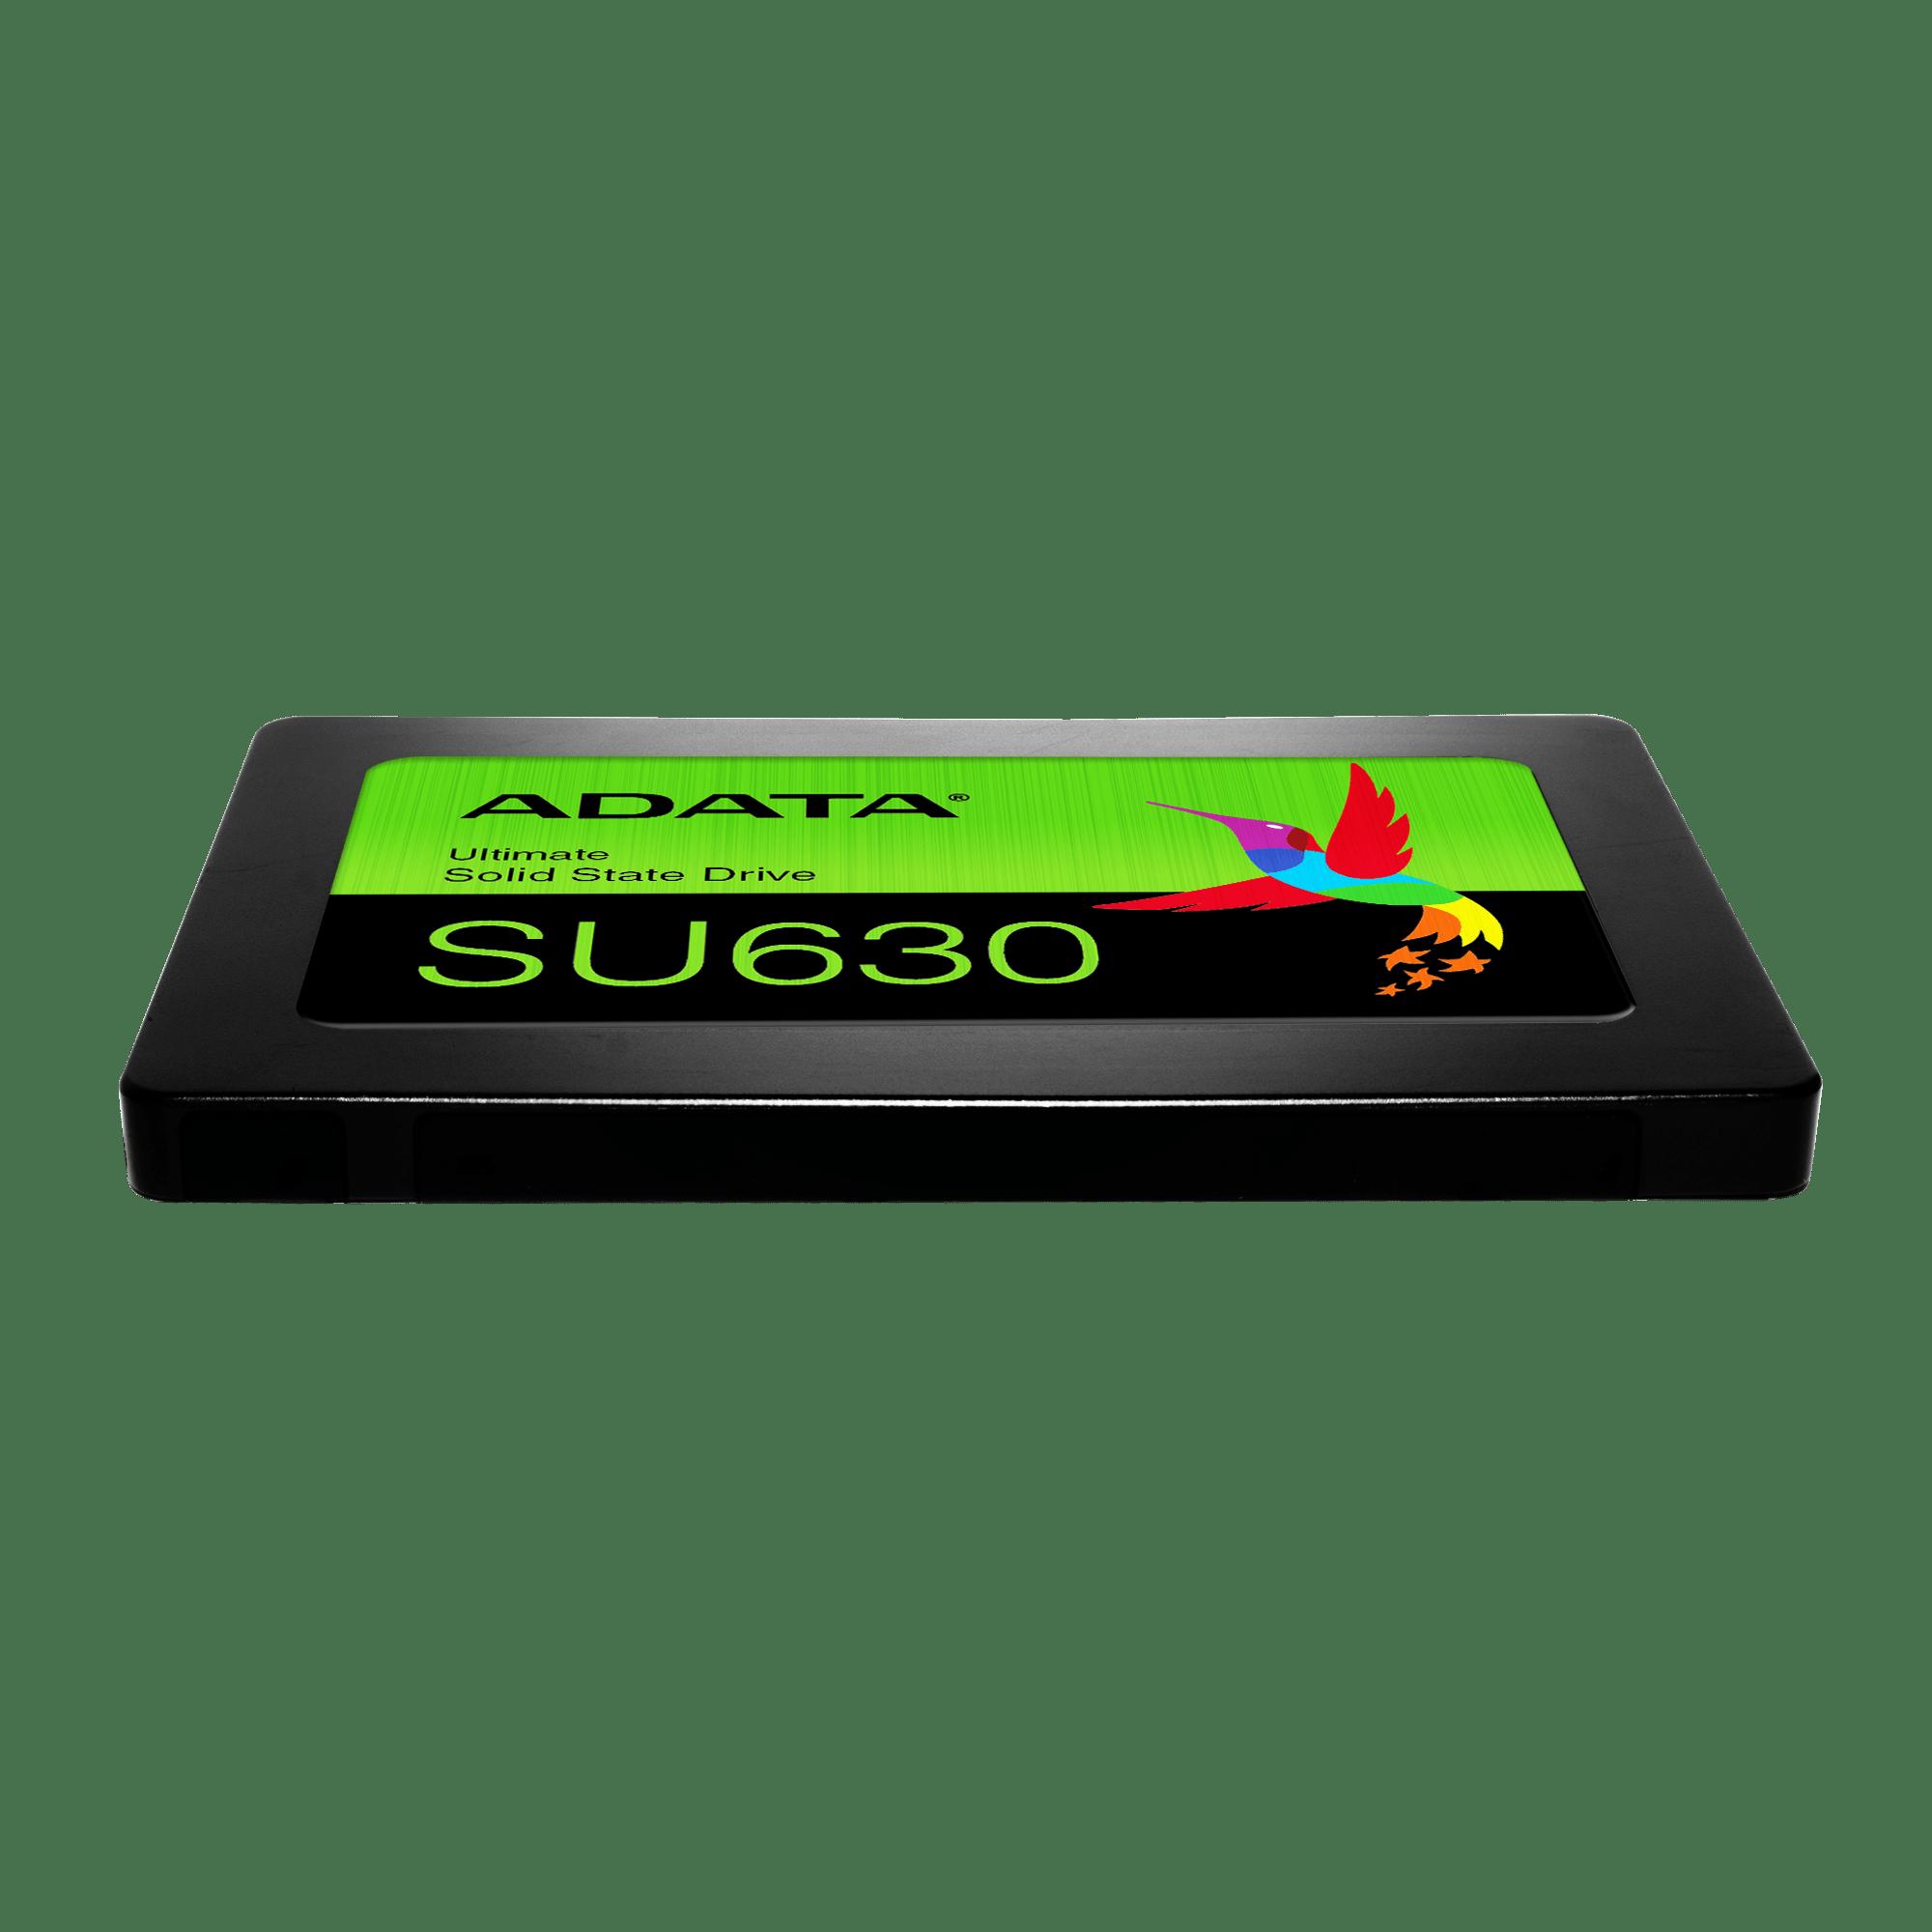 Ultimate SU630